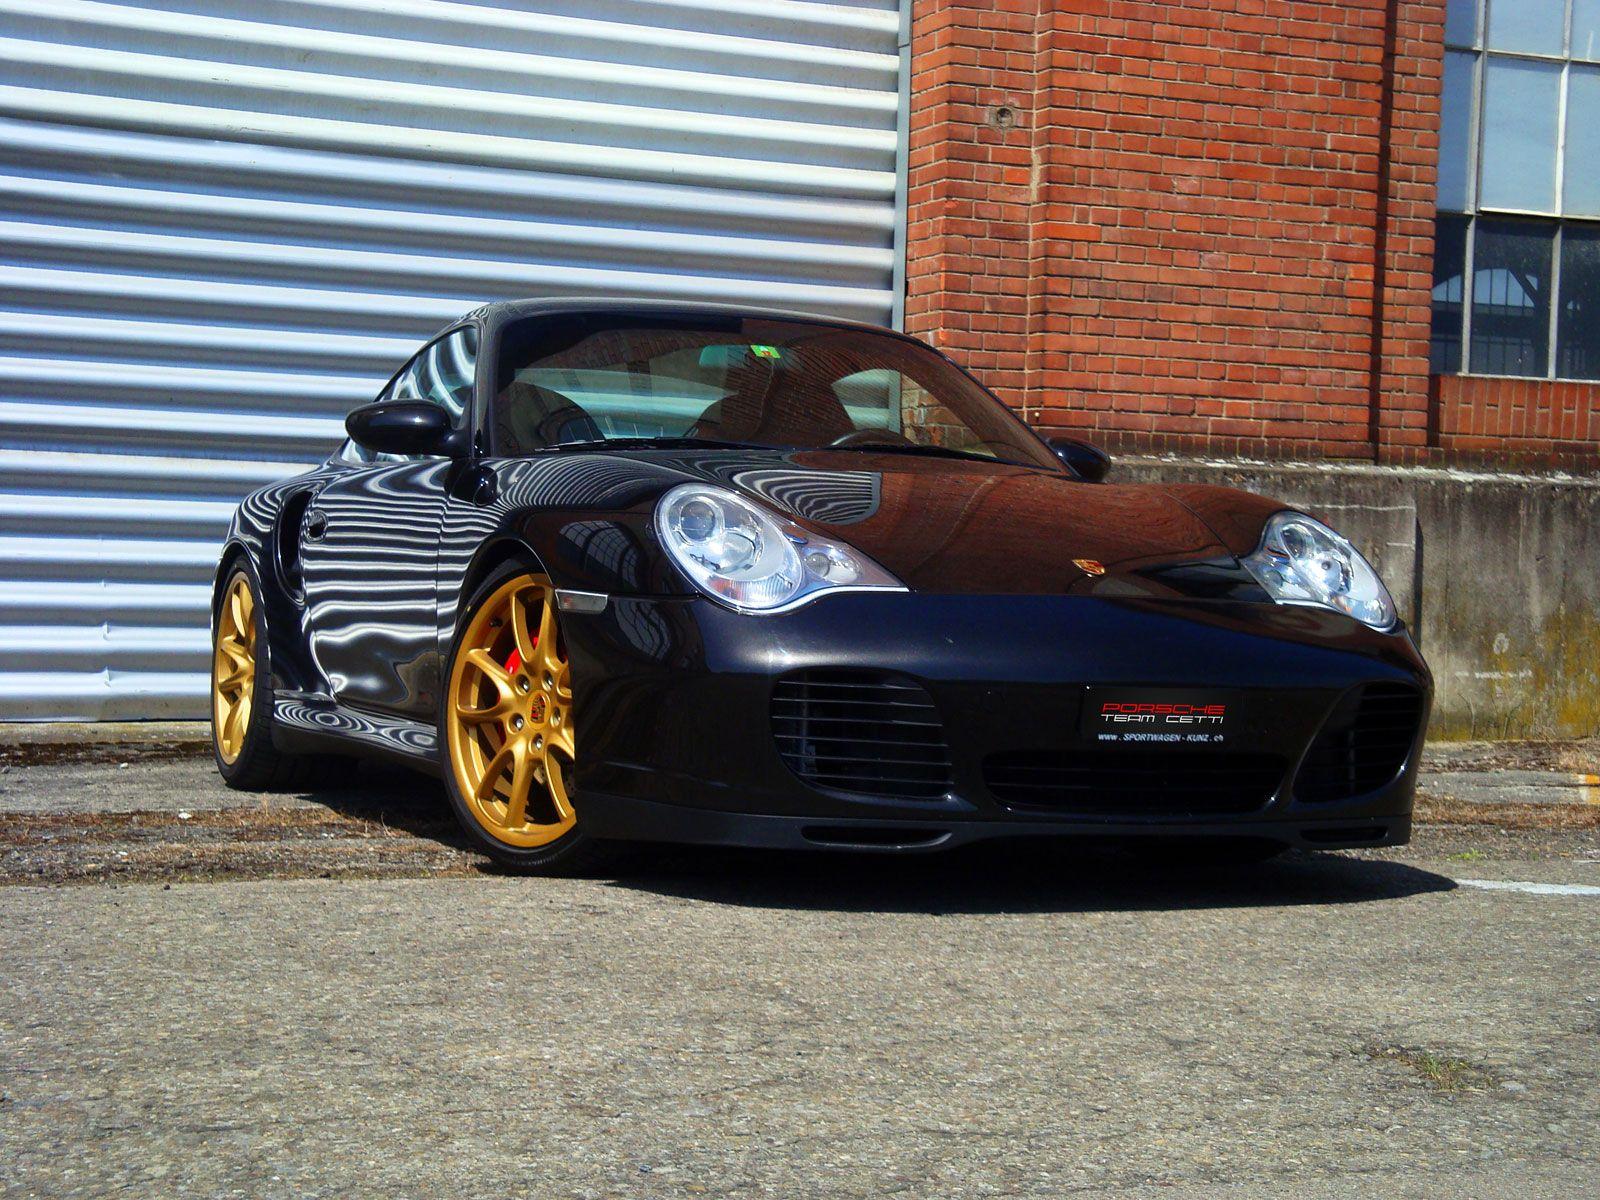 c06baa1055d341201d6464972ad6d32a Terrific 2002 Porsche 911 Carrera Turbo Gt2 X50 Cars Trend